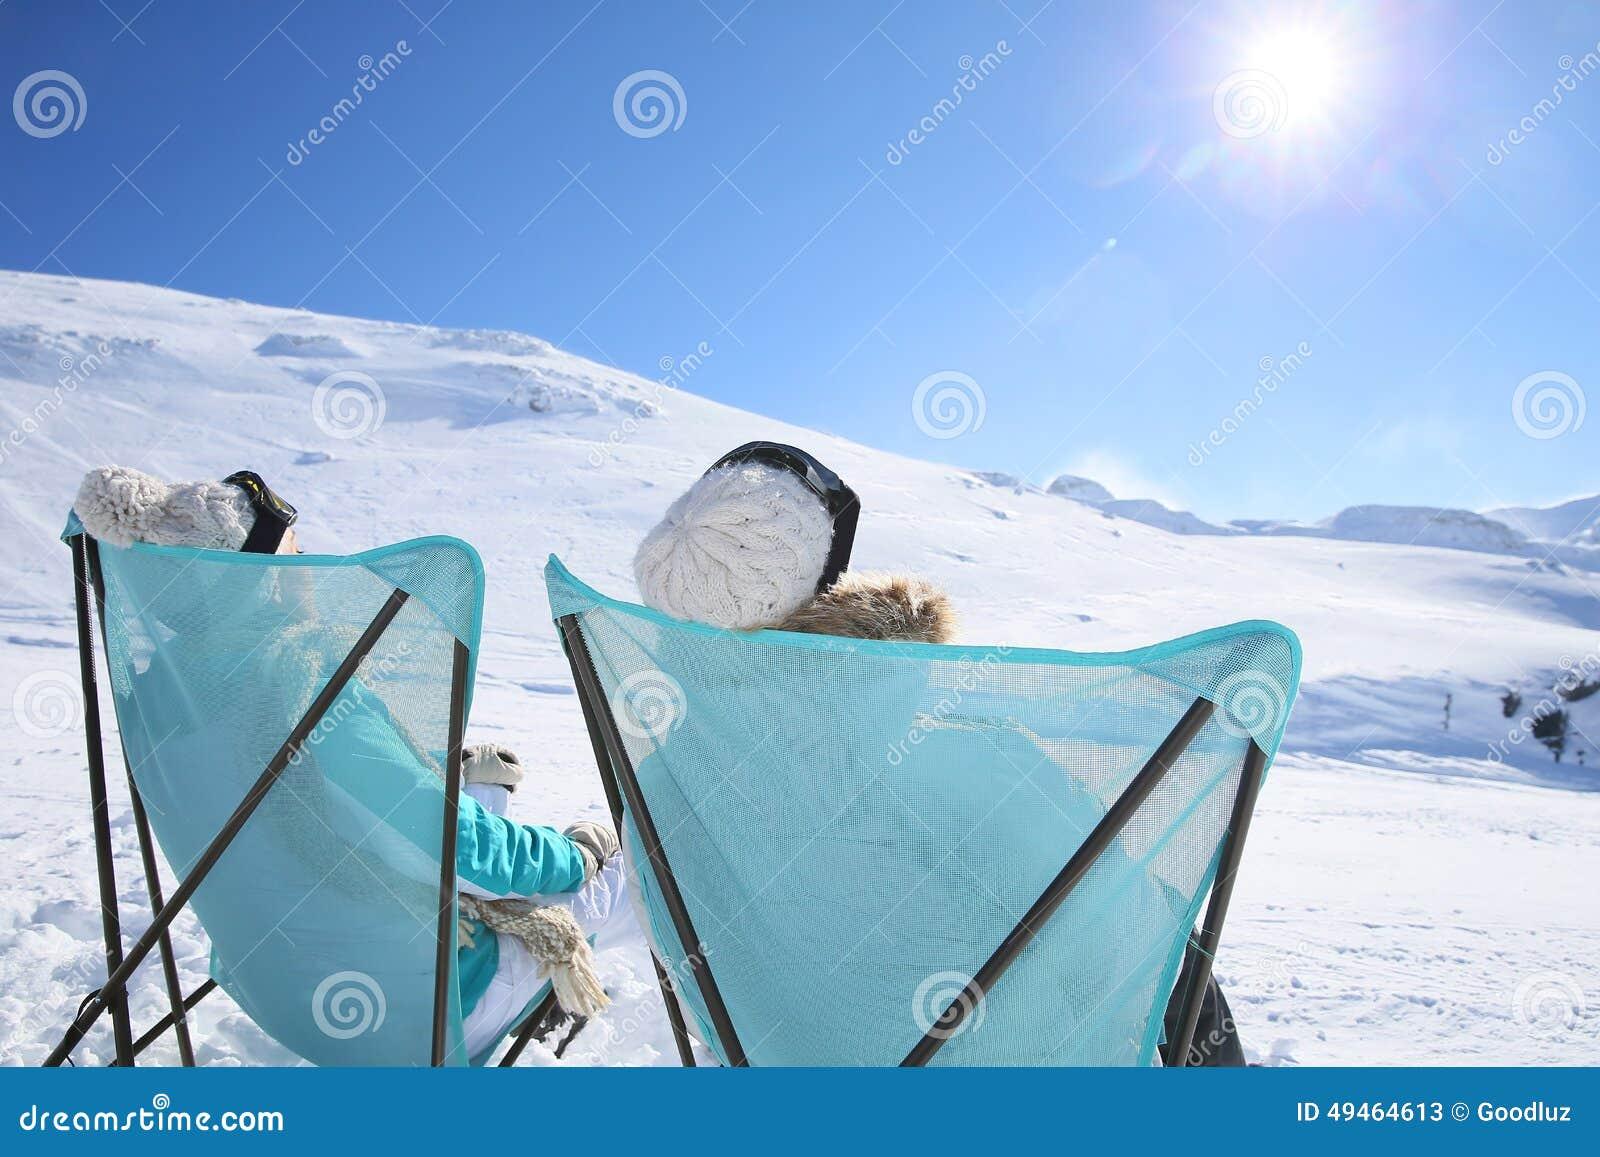 Backview пары принимая солнце на лыже склоняет